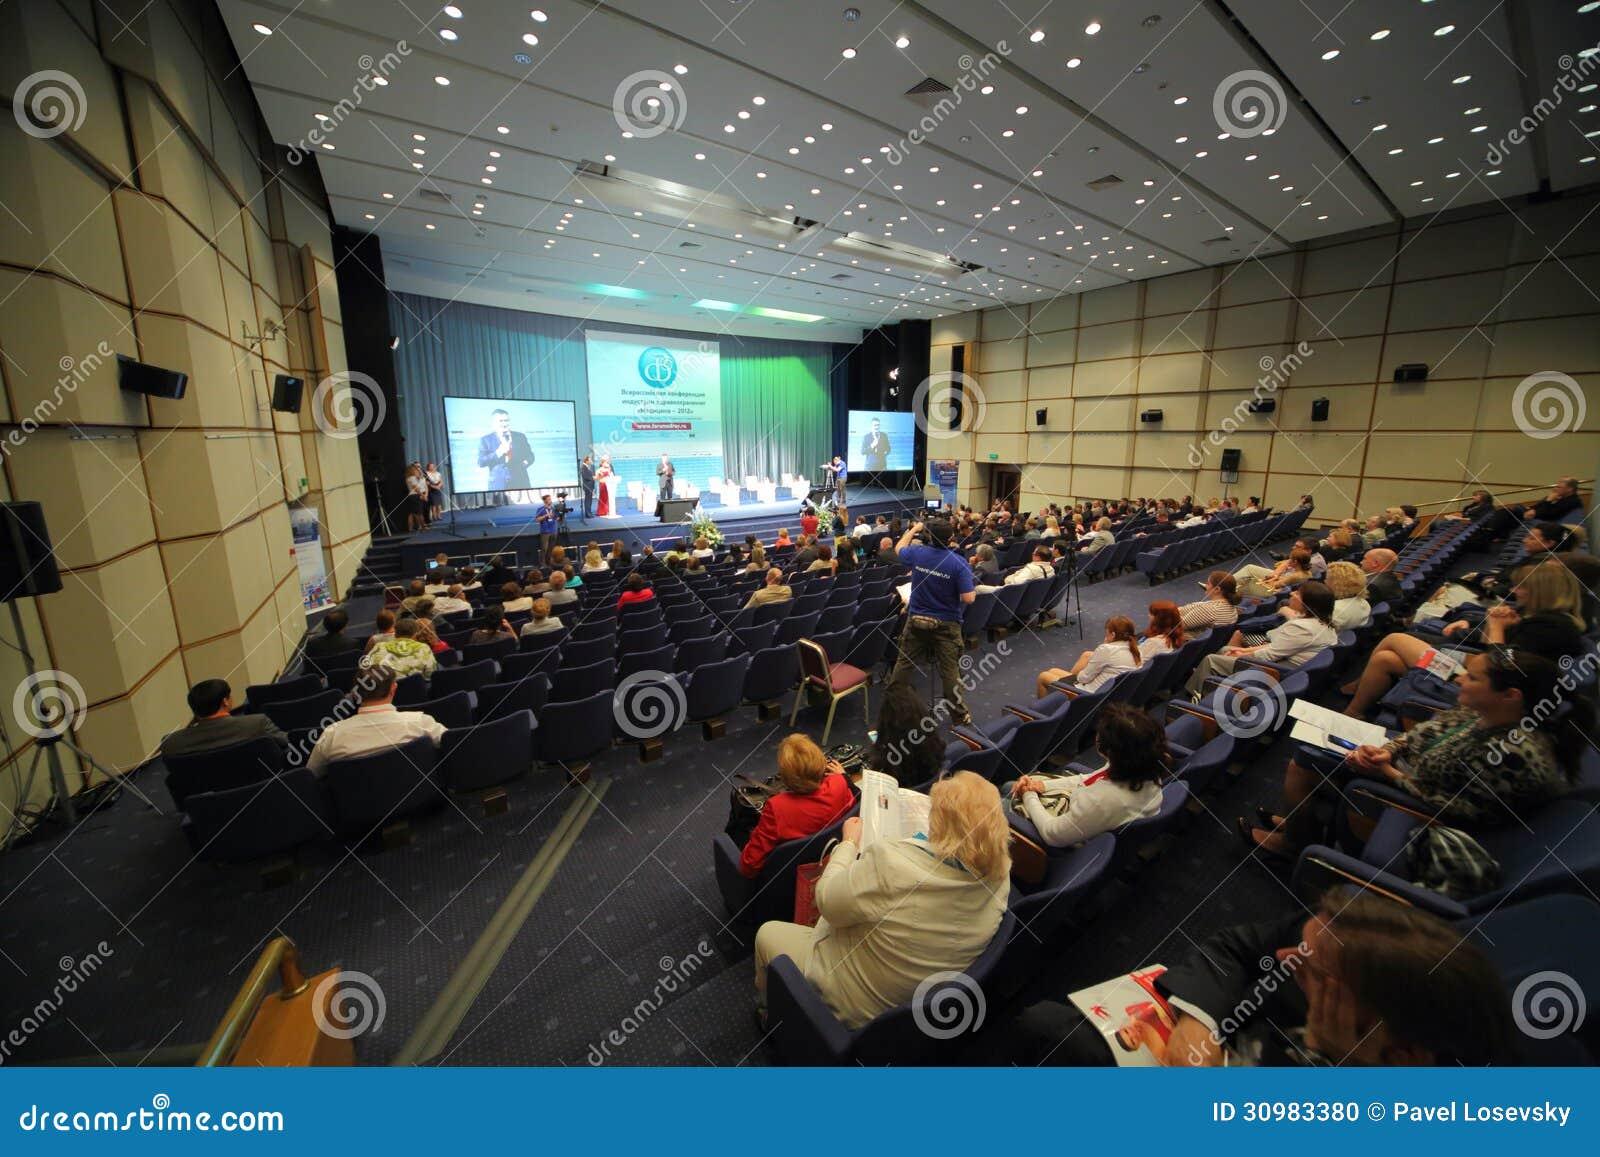 Άνθρωποι που κάθονται στη Διεθνή Διάσκεψη της ιατρικής 2012 βιομηχανίας υγειονομικής περίθαλψης